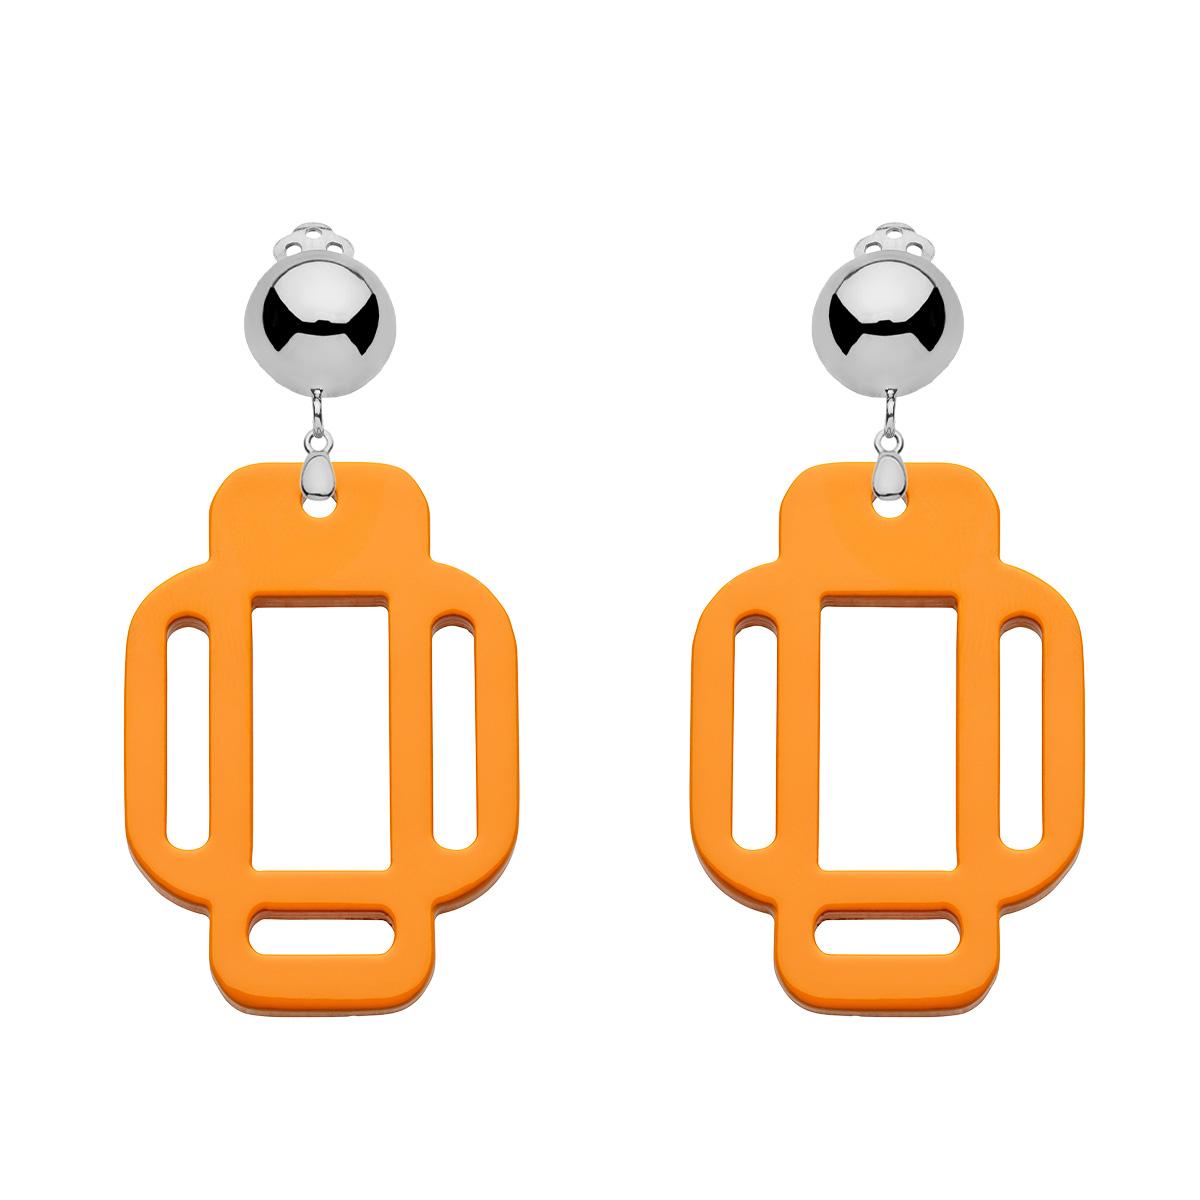 Ohrringe Orange Ohrclips aus Silber in eckiger Form von Romy North